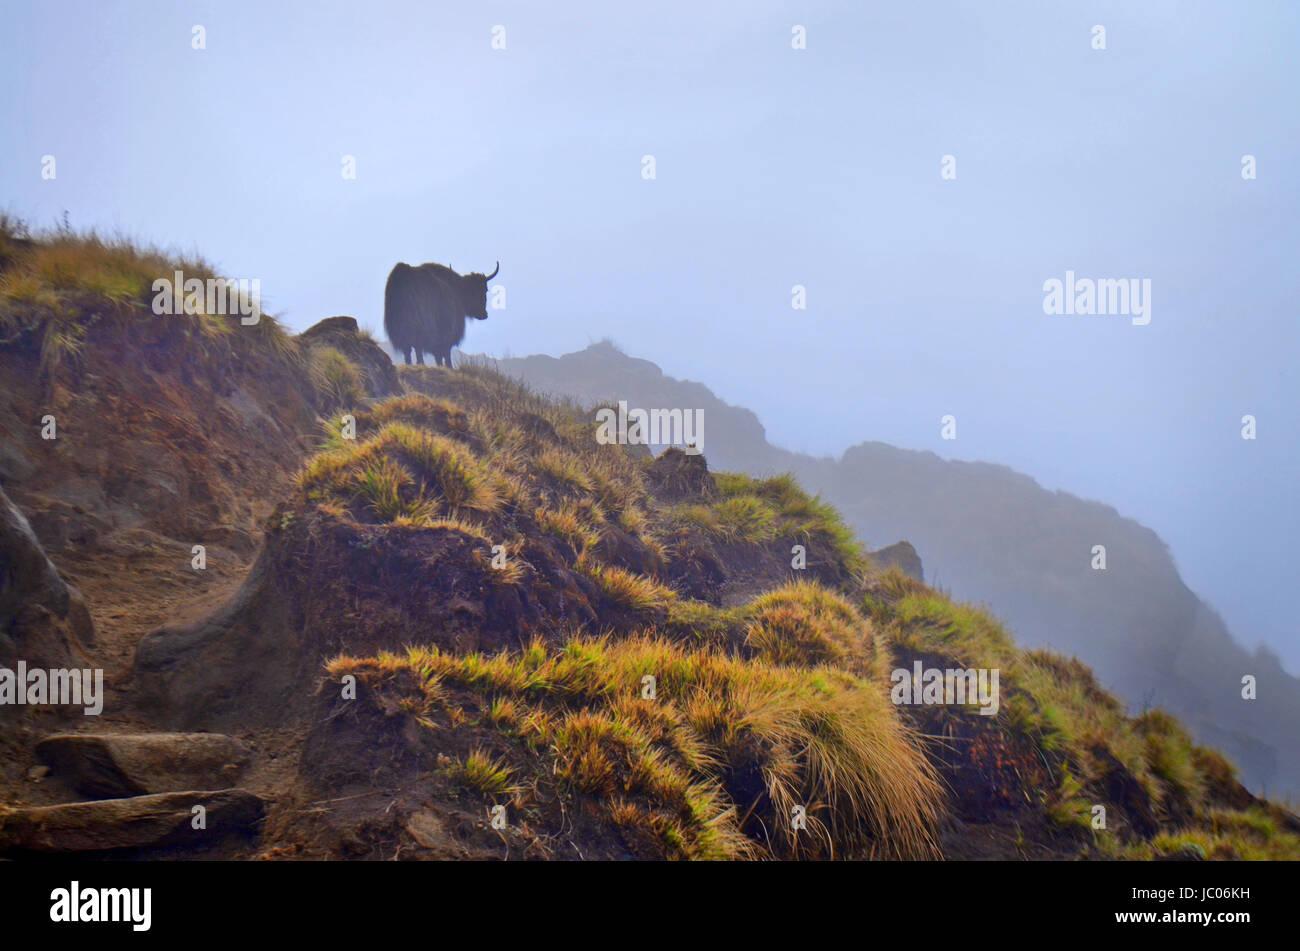 Alone Yak on foggy hill. Himalayan mountains. Nepal, Annapurna - Stock Image